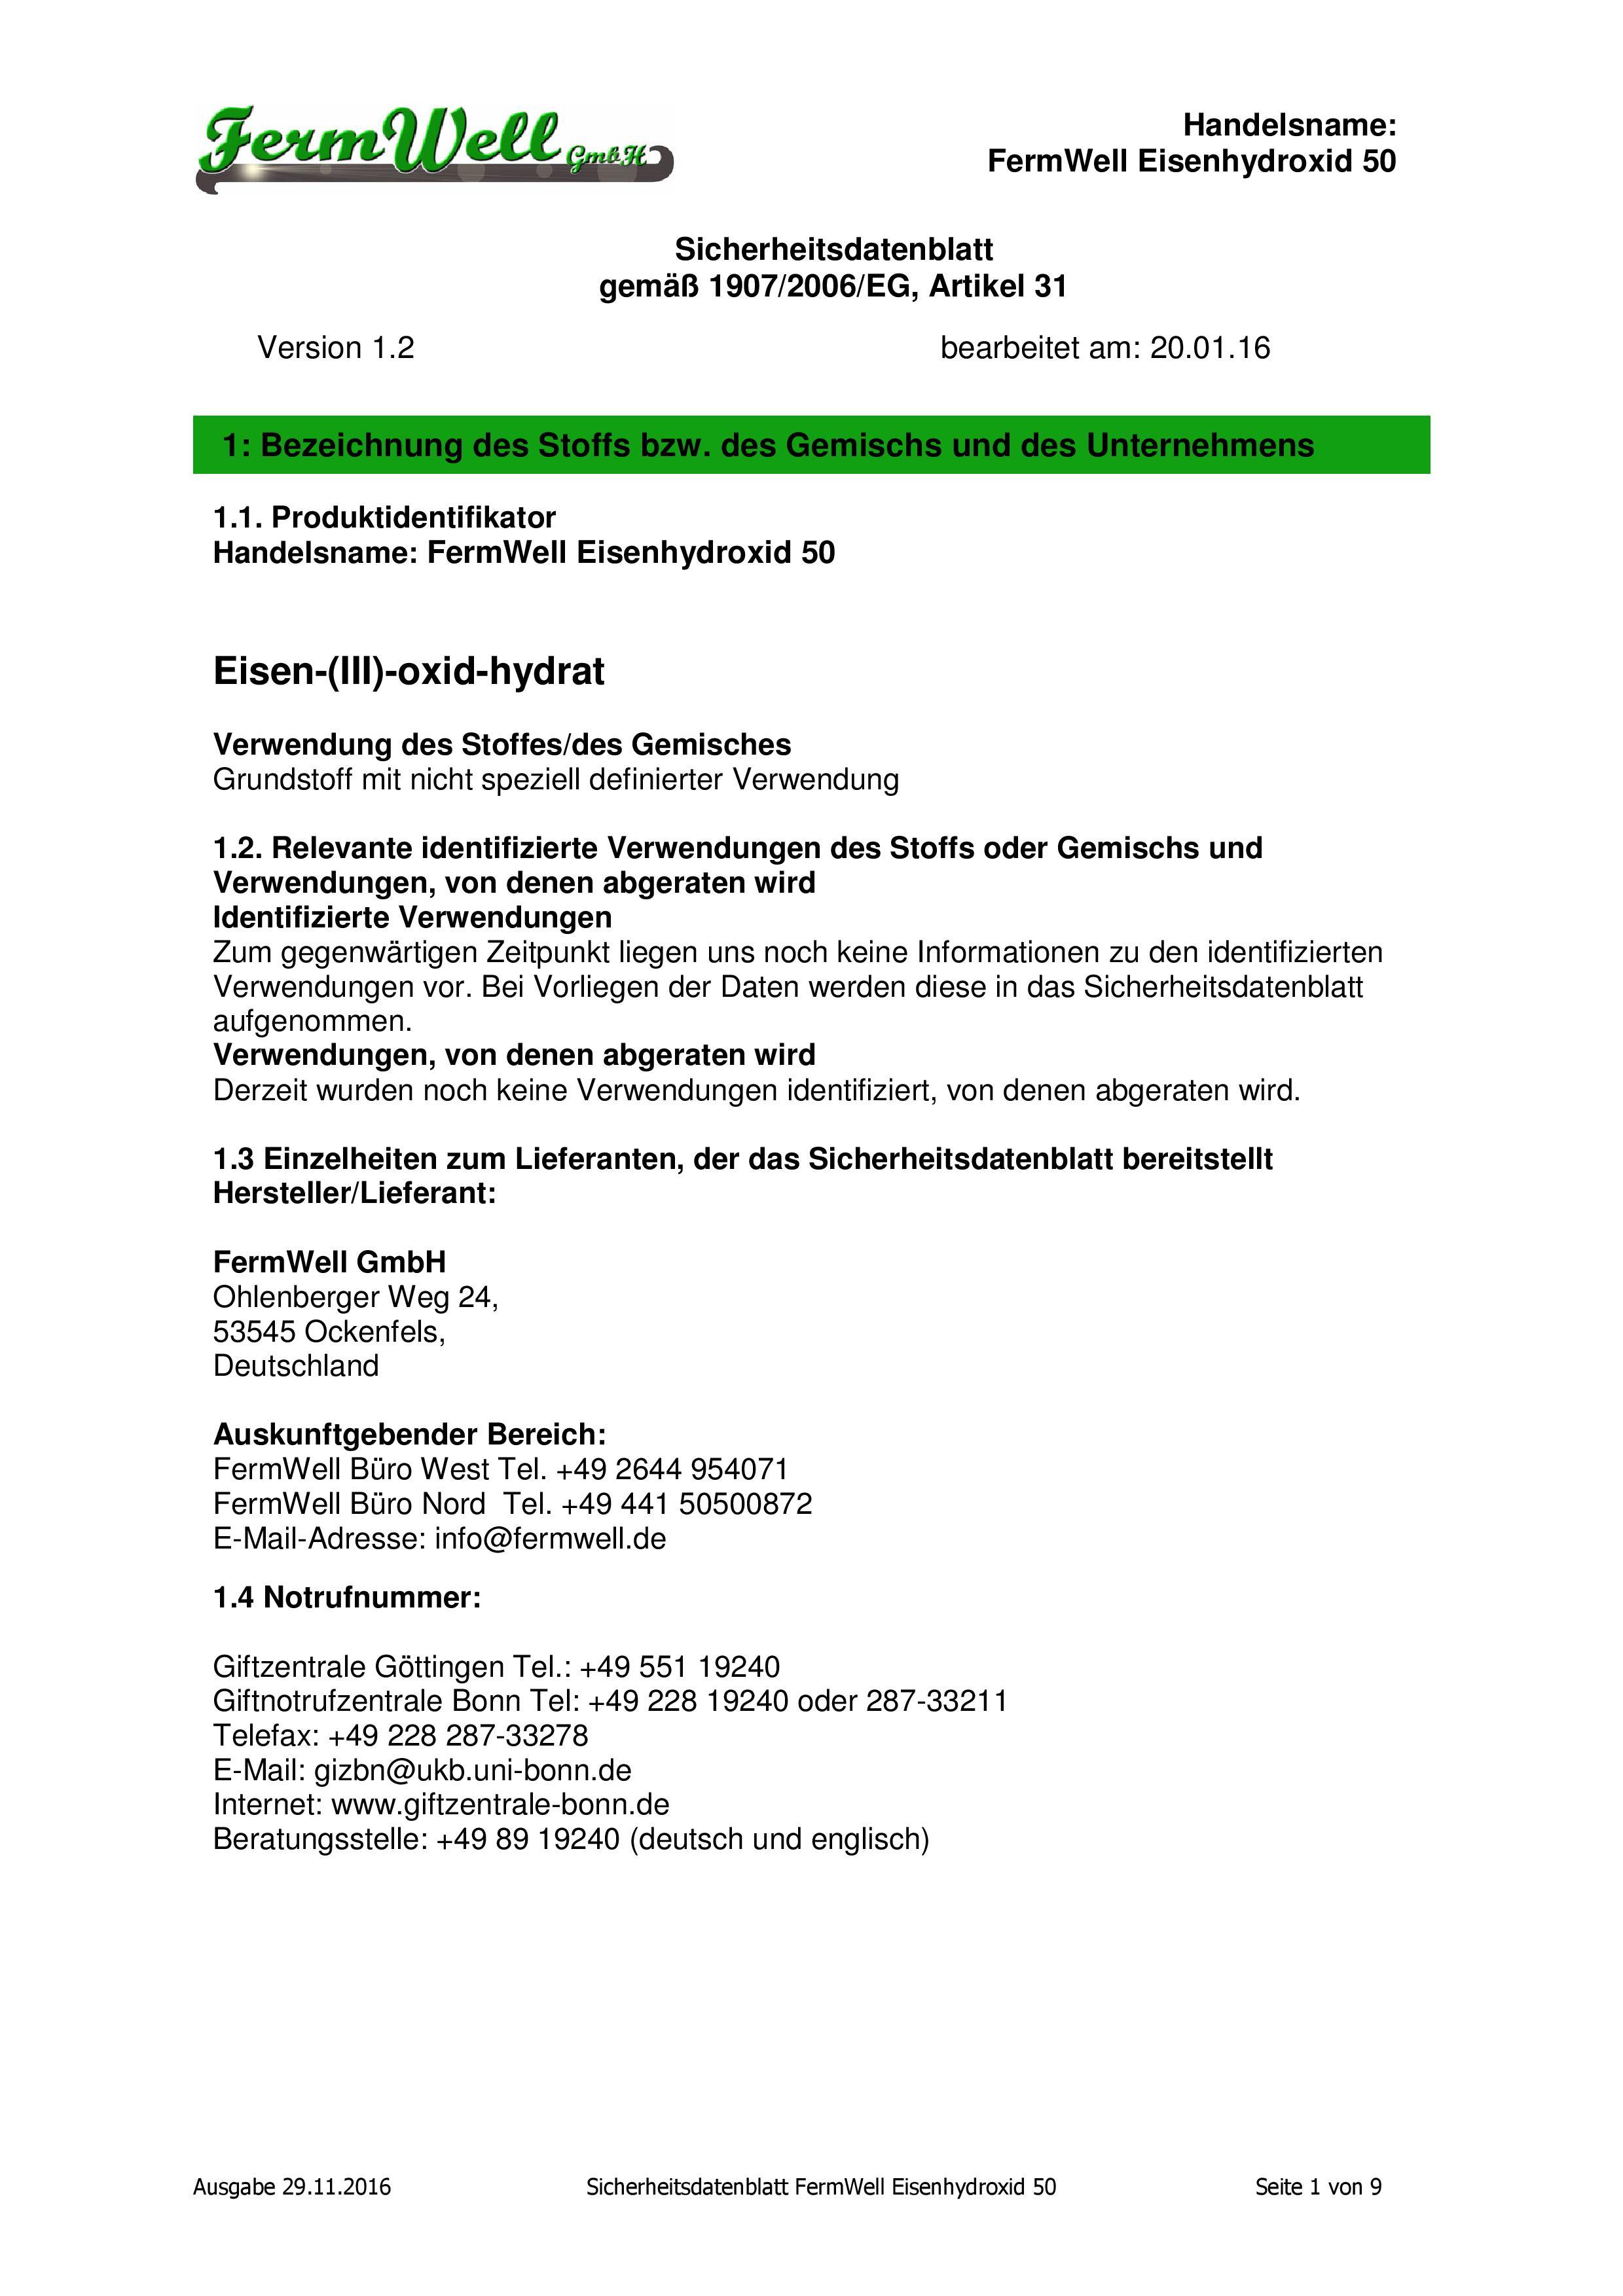 FWG_Eisenhydroxid_50_Sicherheitsdb_16112